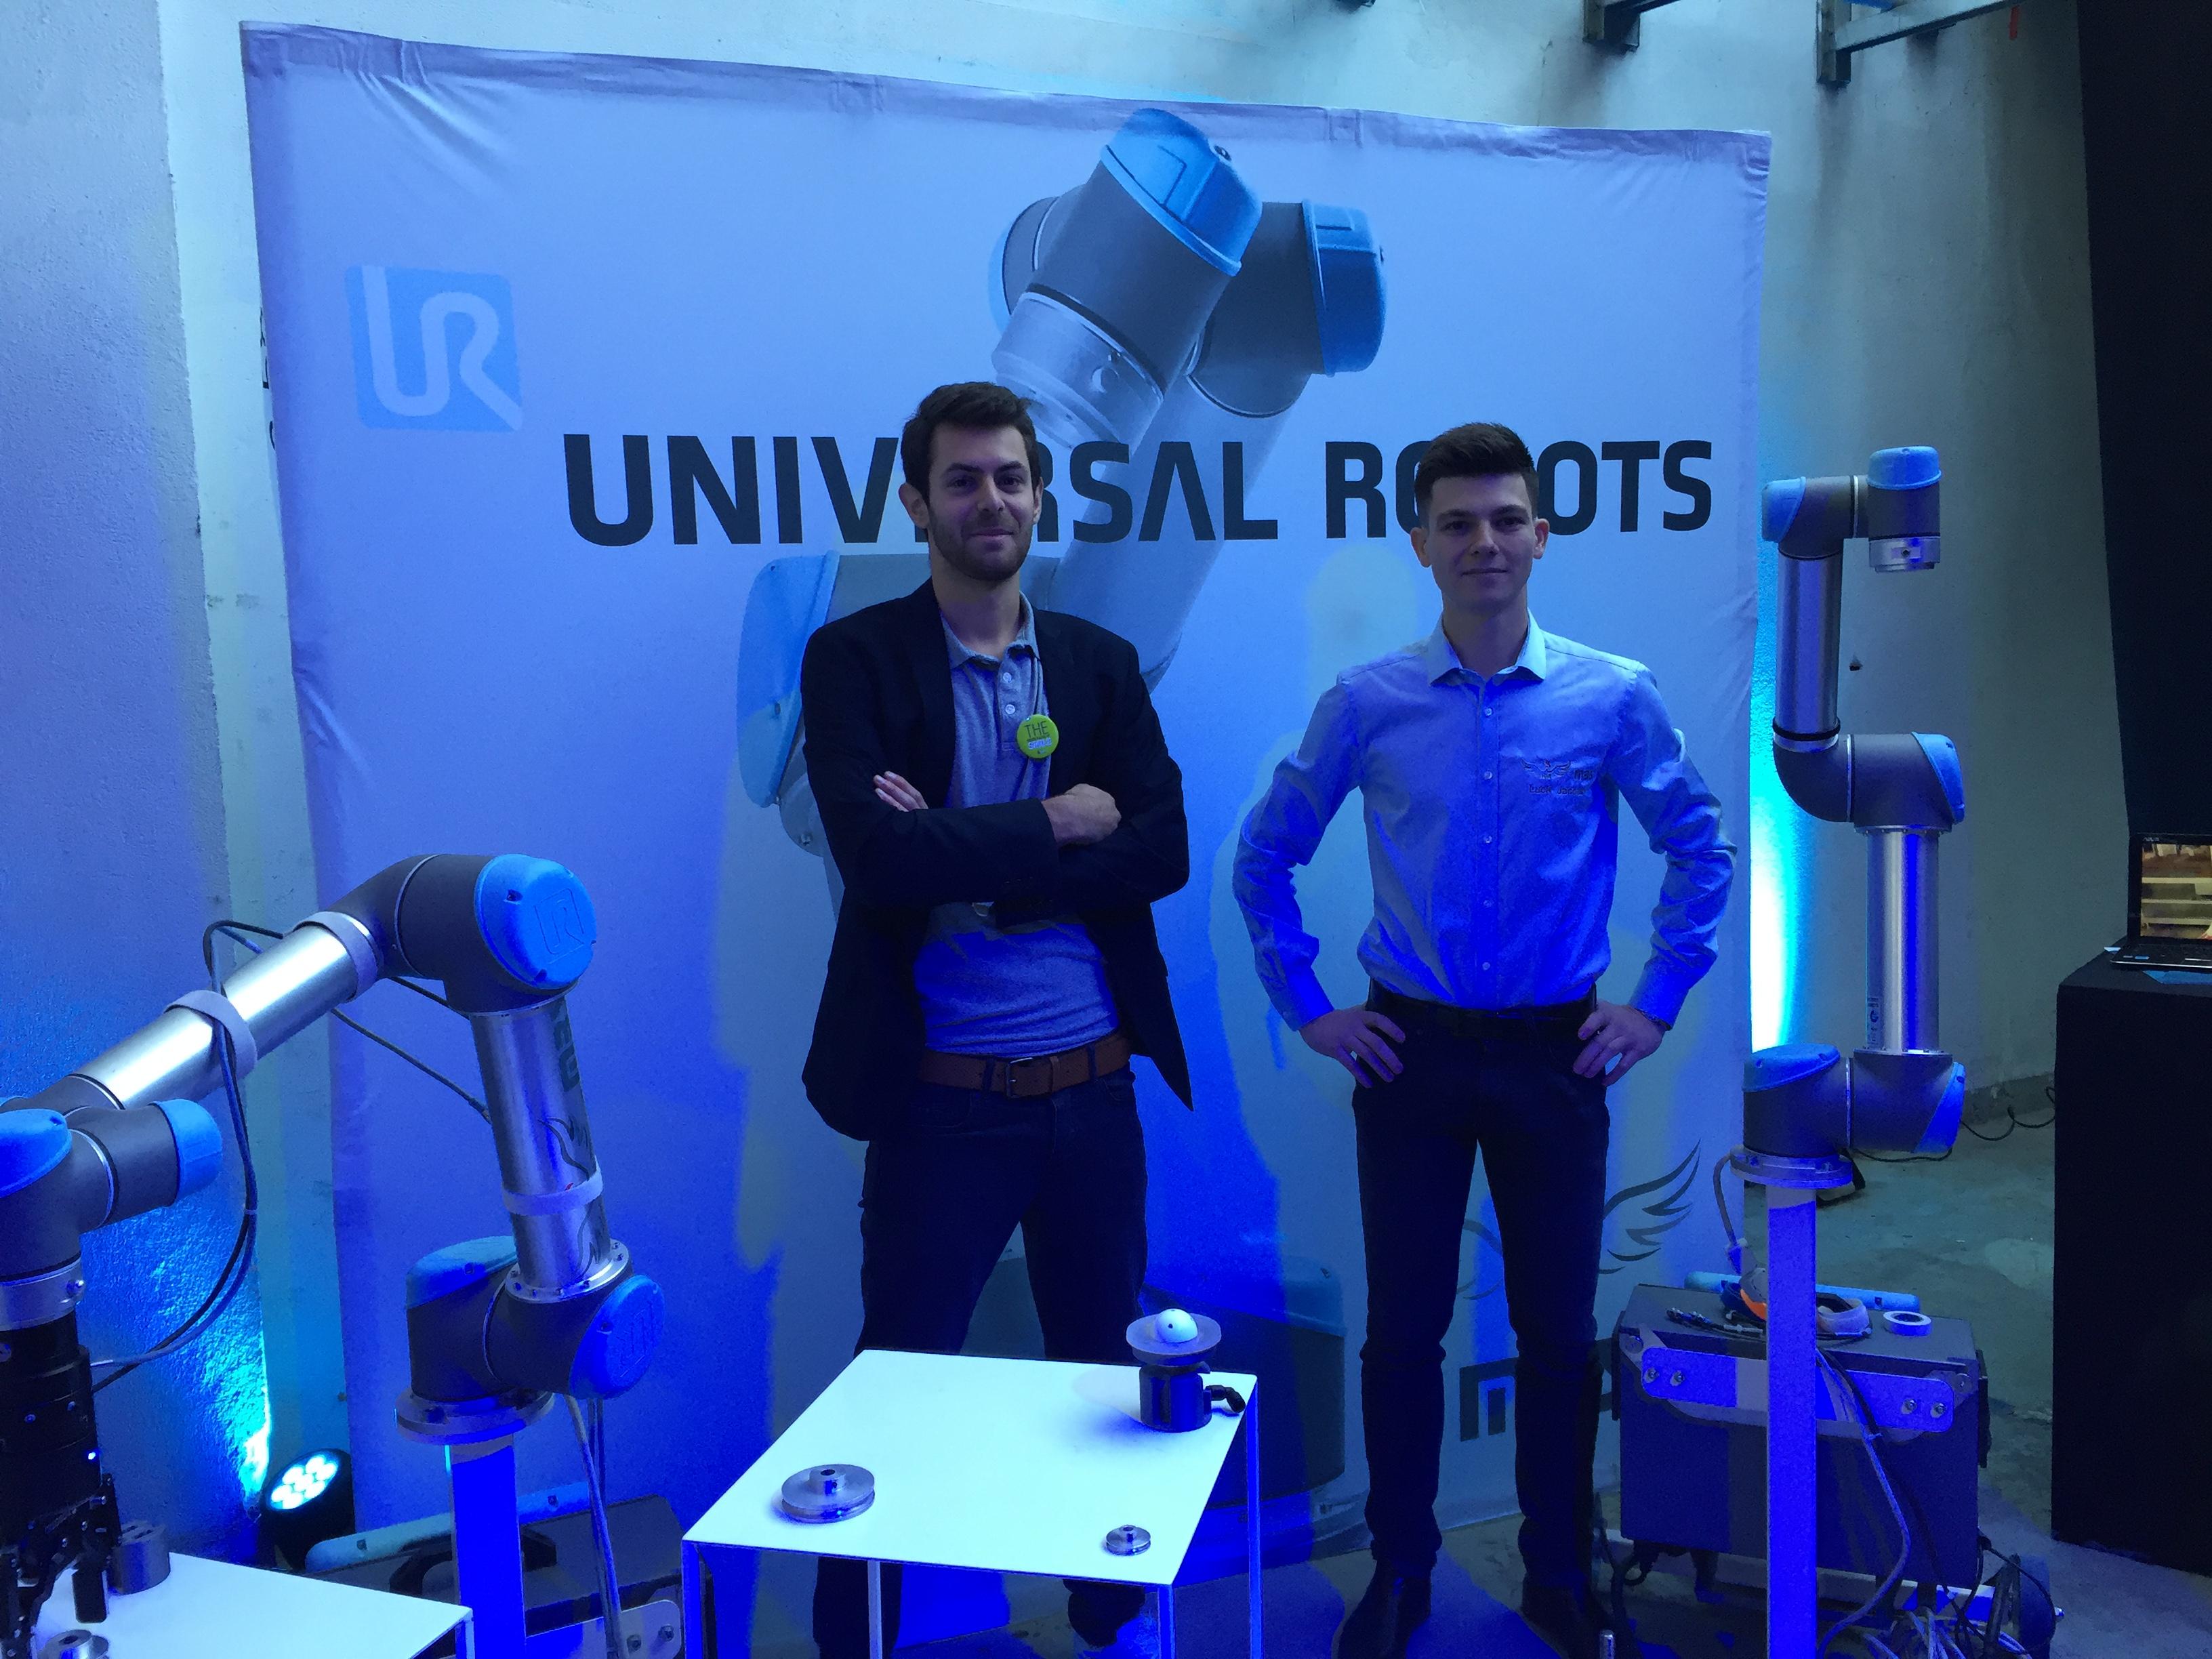 SMILE UNIVERSAL ROBOTS HMI MBS COBOTS